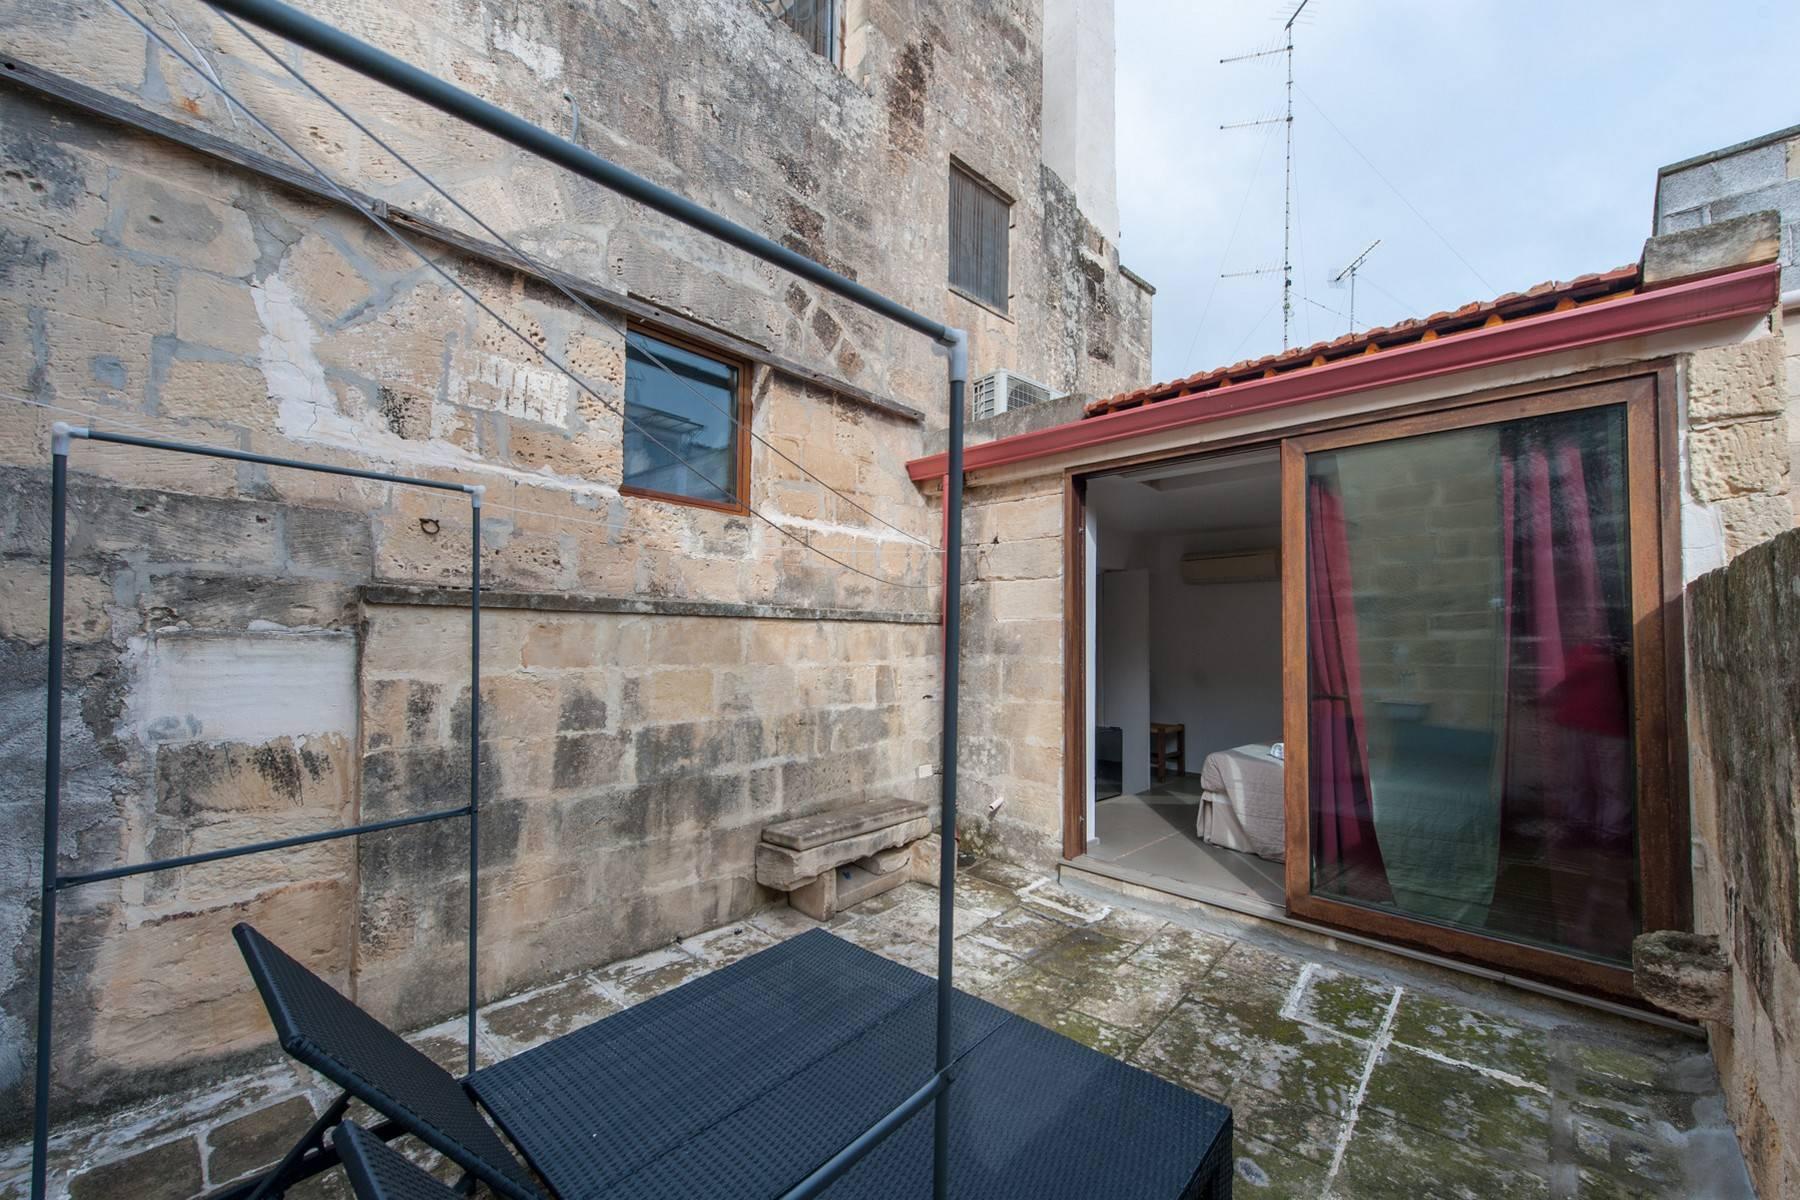 Casa indipendente in Vendita a Lecce: 5 locali, 180 mq - Foto 13